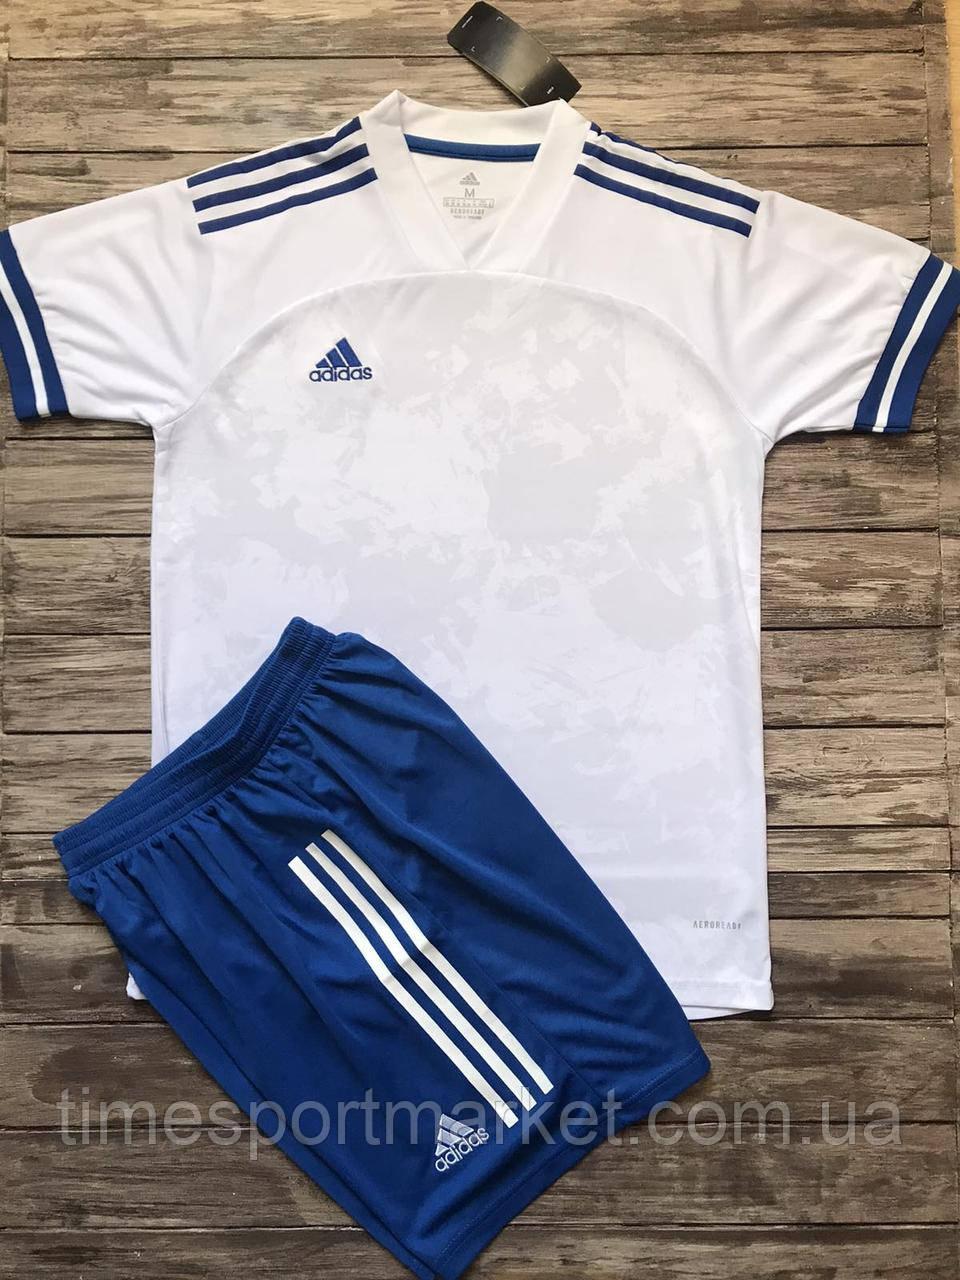 Футбольная форма для команд ADIDAS белый/синий (Реплика)